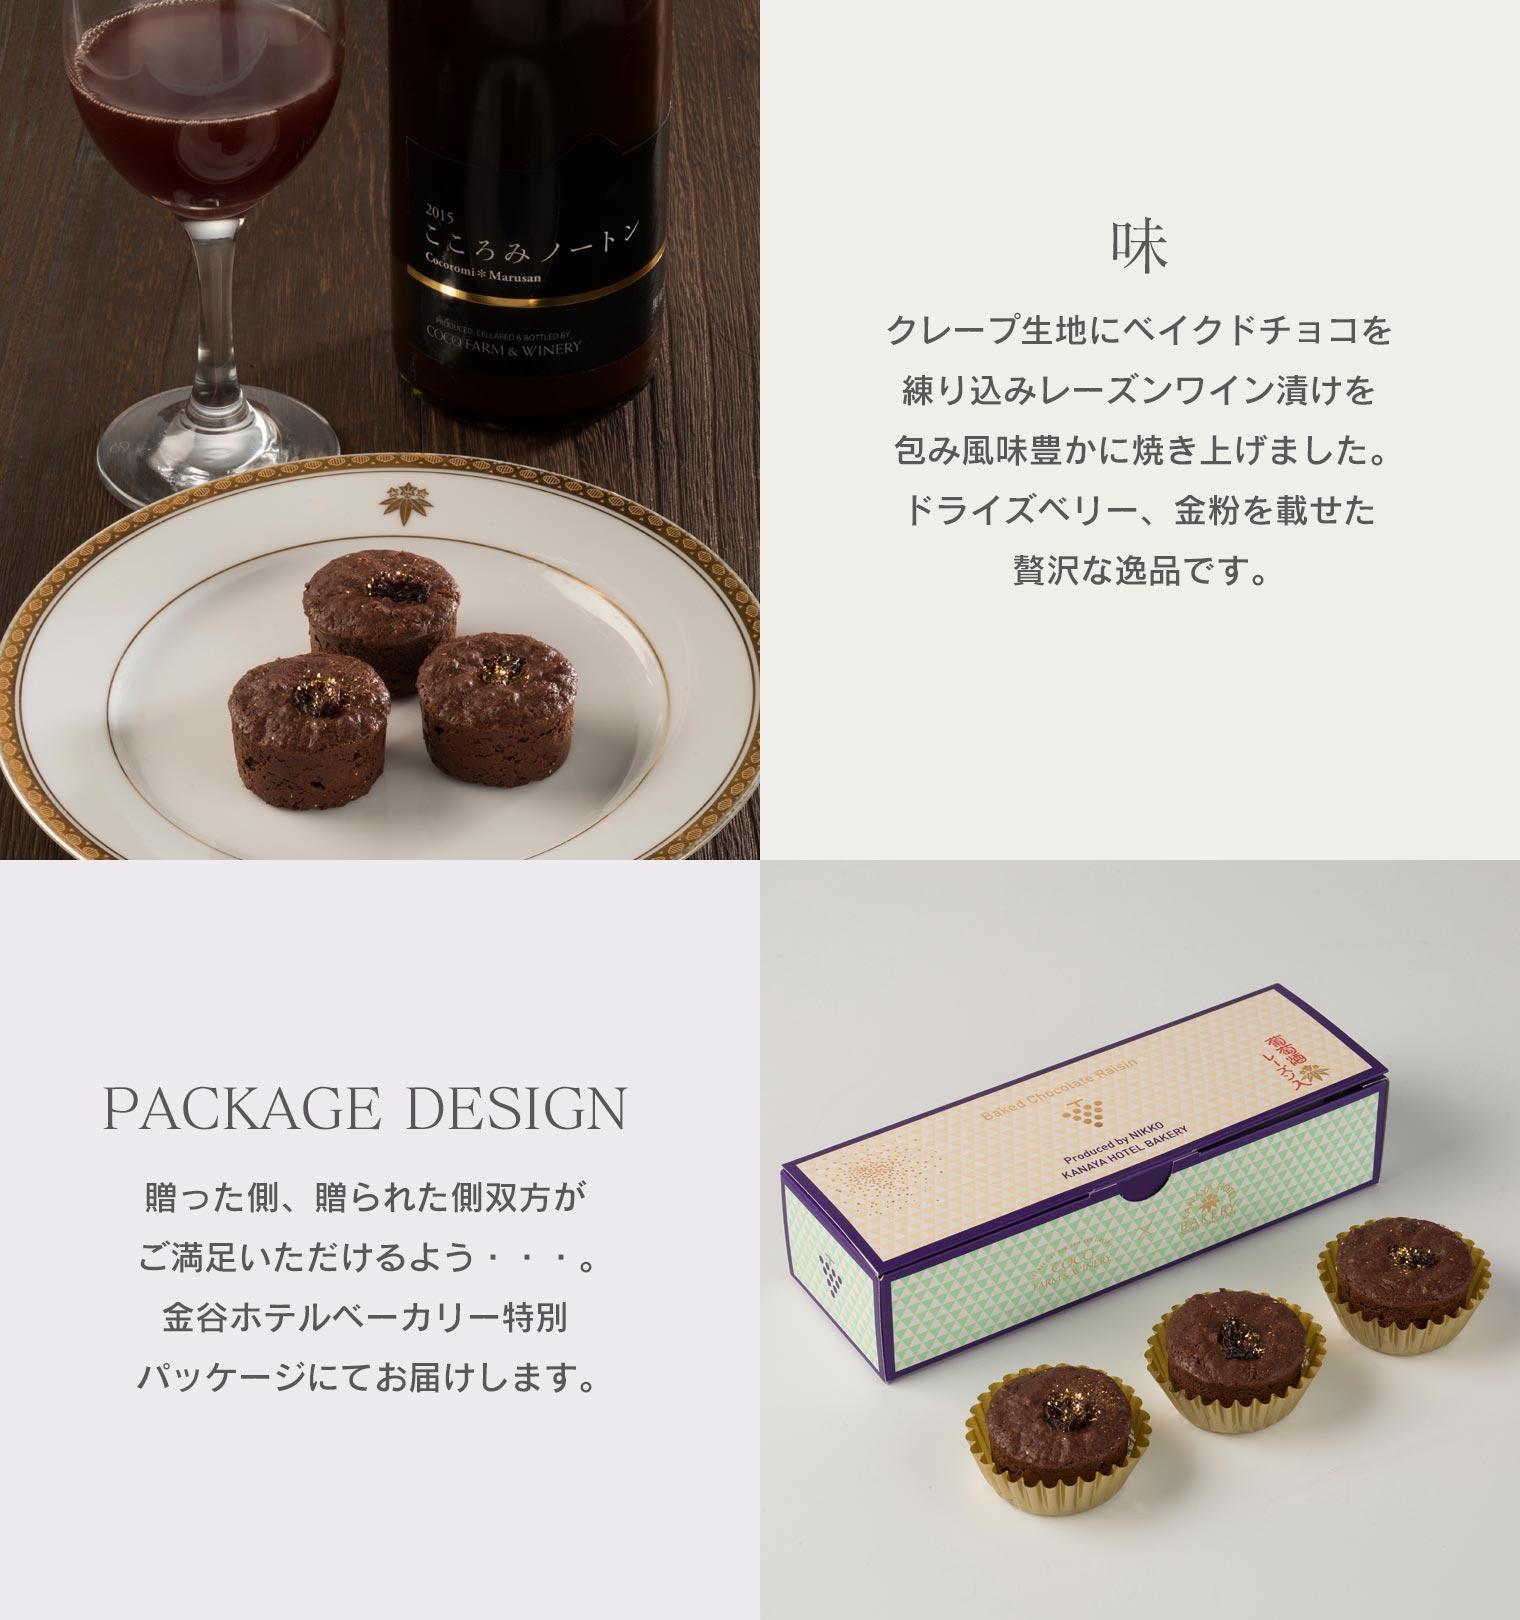 生地にベイクドチョコを練り込みレーズンワイン漬けを包み風味豊かに焼き上げました。ドライズベリー、金粉を載せた贅沢な逸品です。